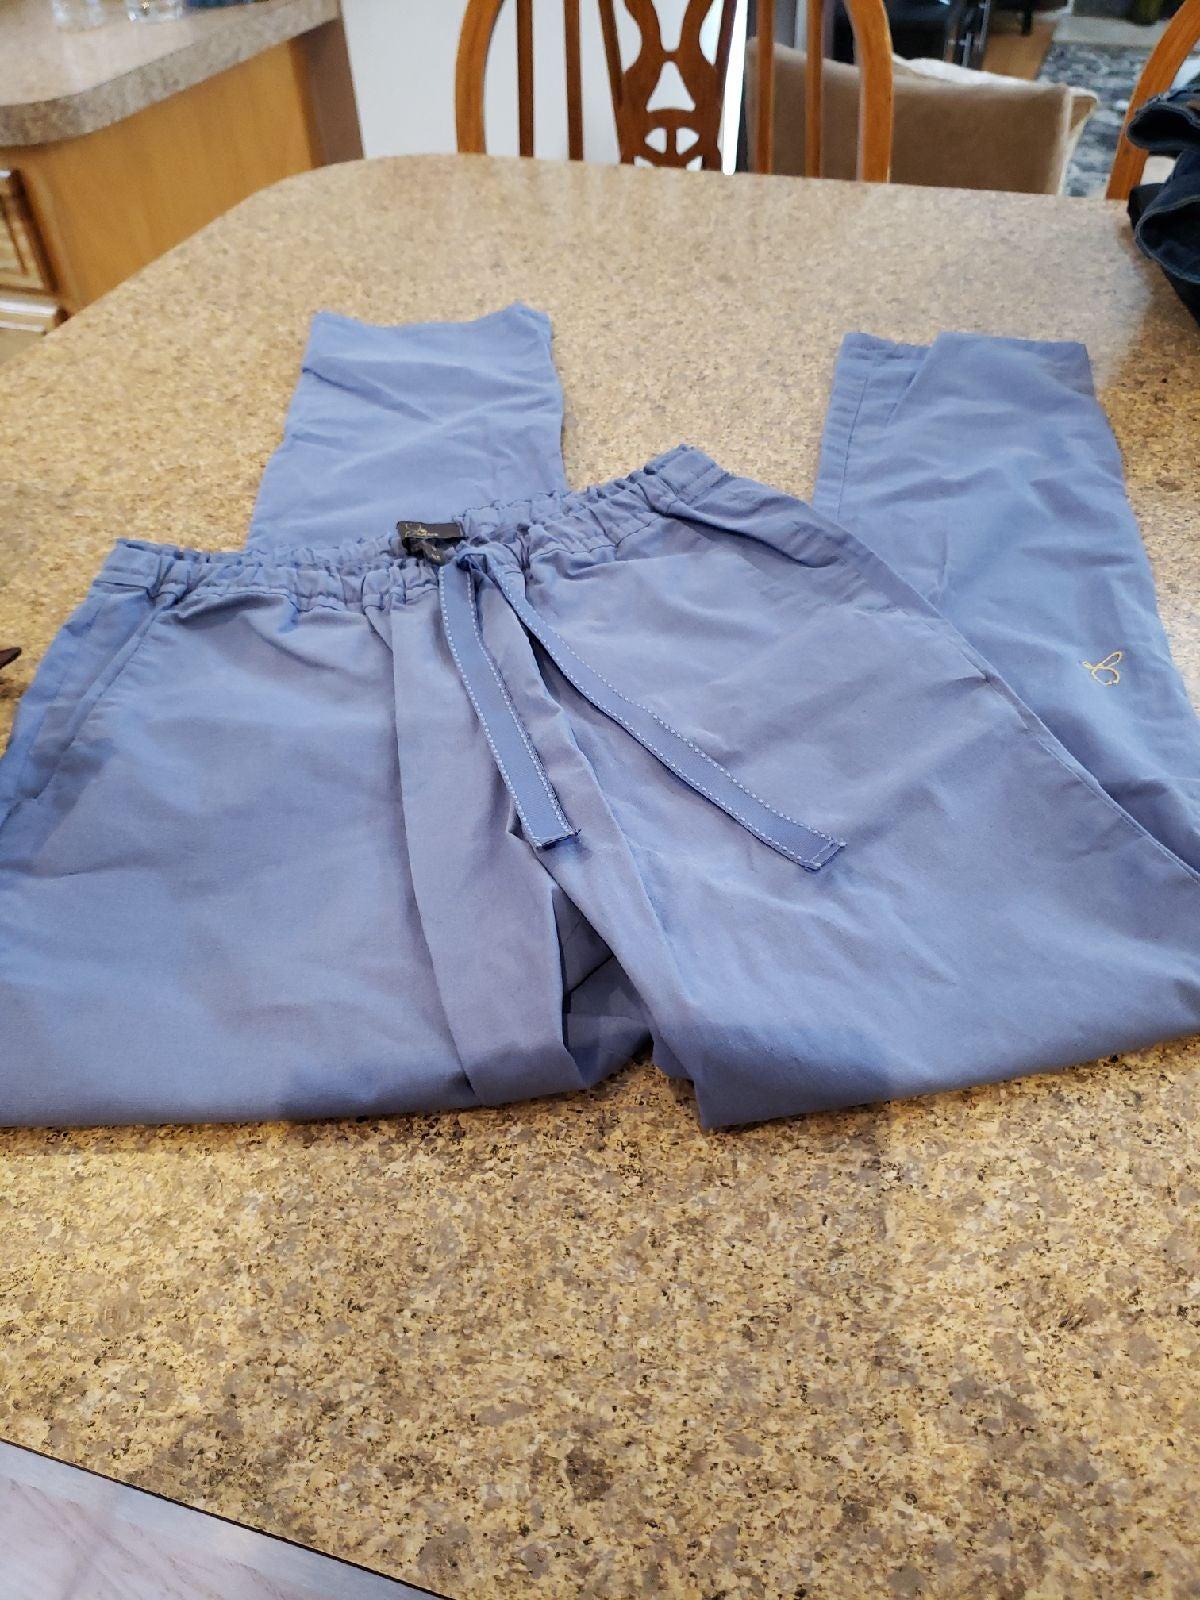 JAANUU Scrub Pants